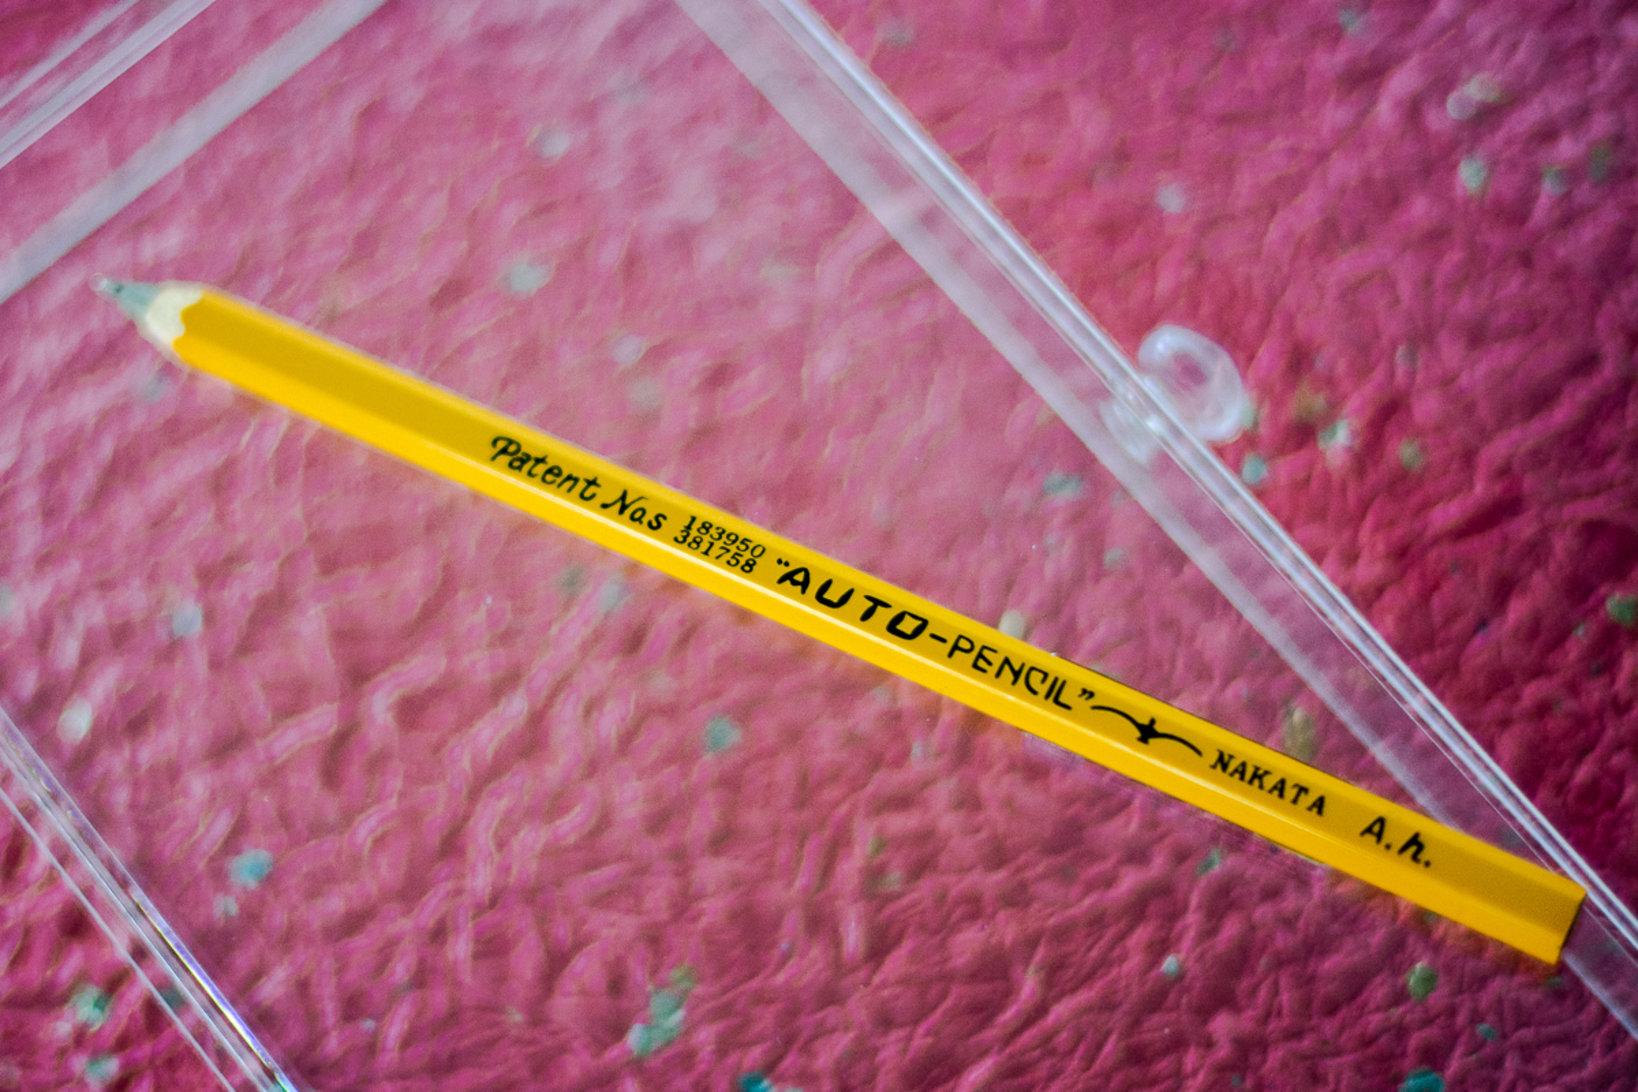 世界最初の木軸ボールペン。当時の社名のスペルは「AUTO」。1981年に「OHTO」に変更された。